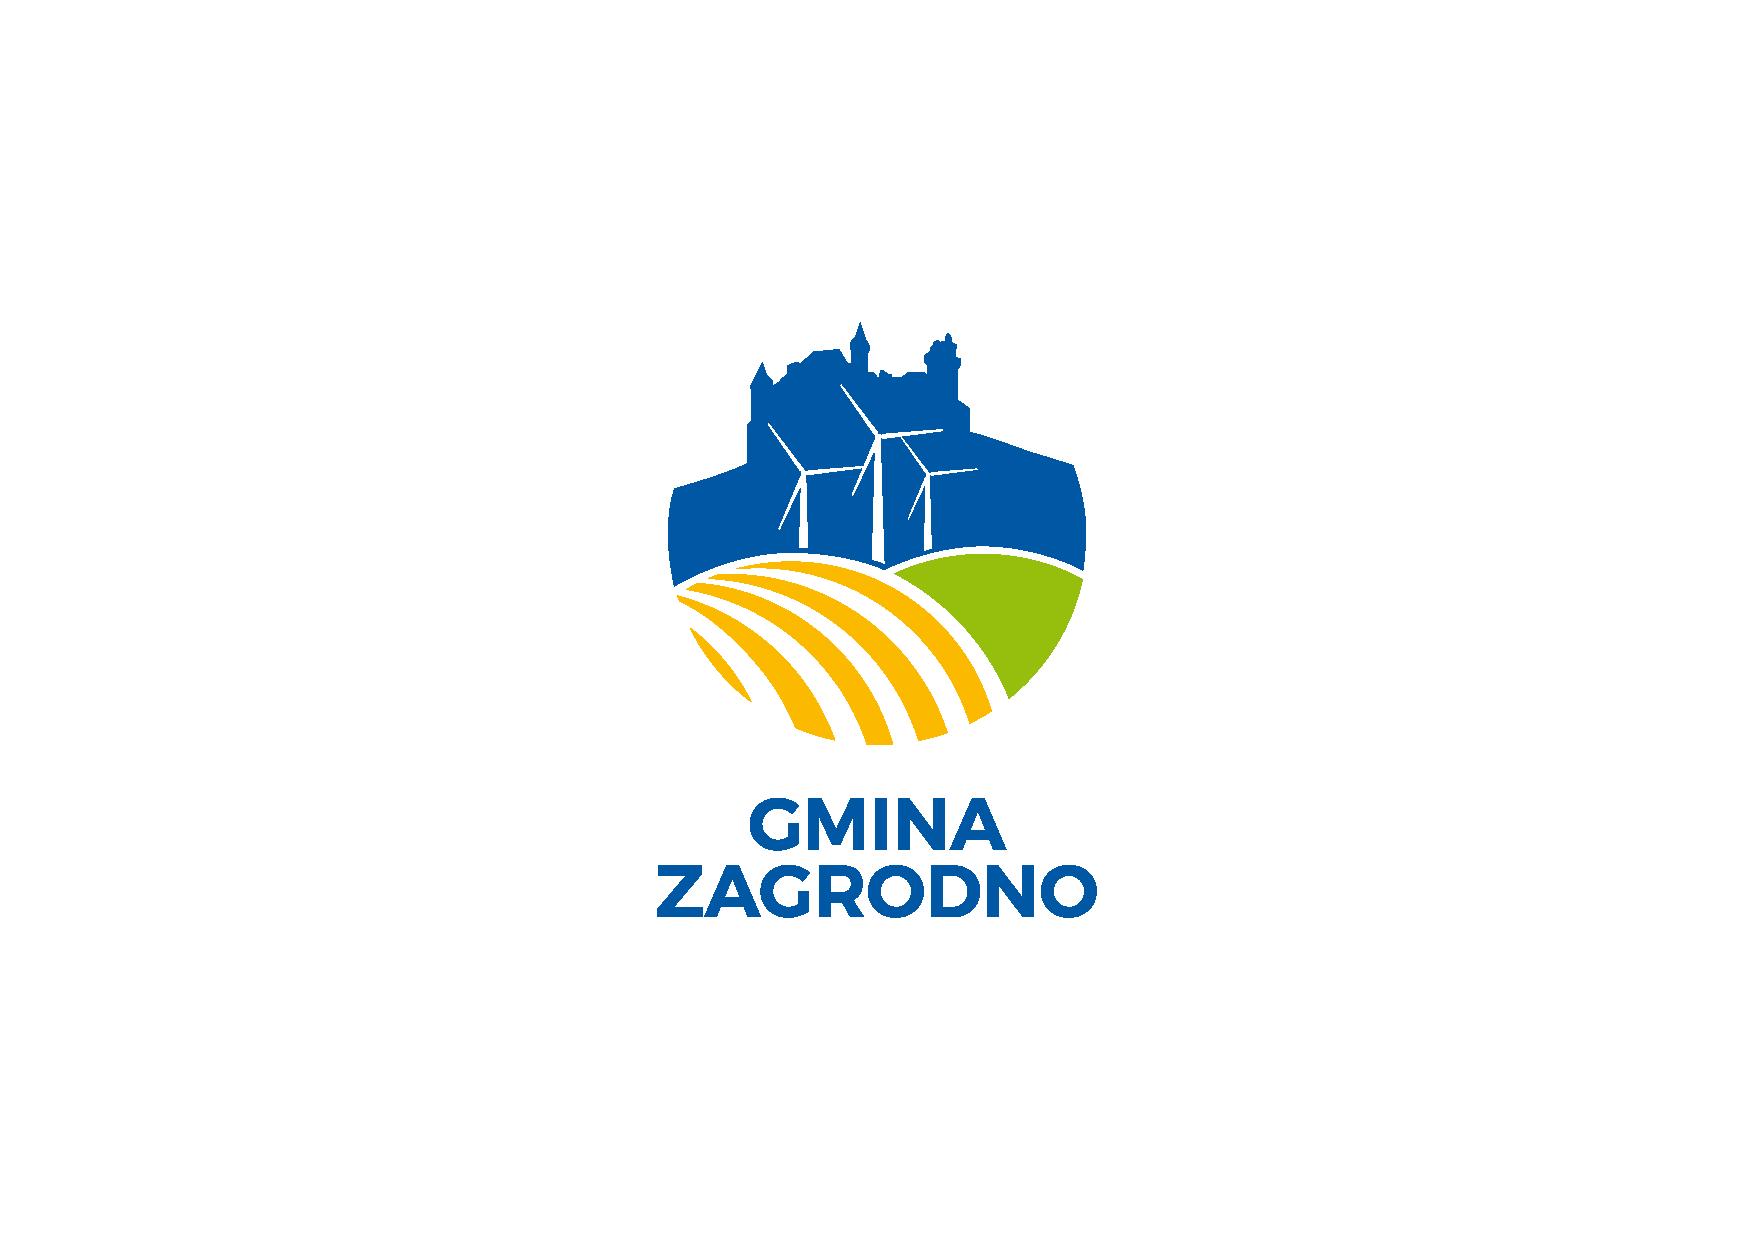 Gmina Zagrodno maksymalnie obniżyła stawki podatku od środków transportowych.